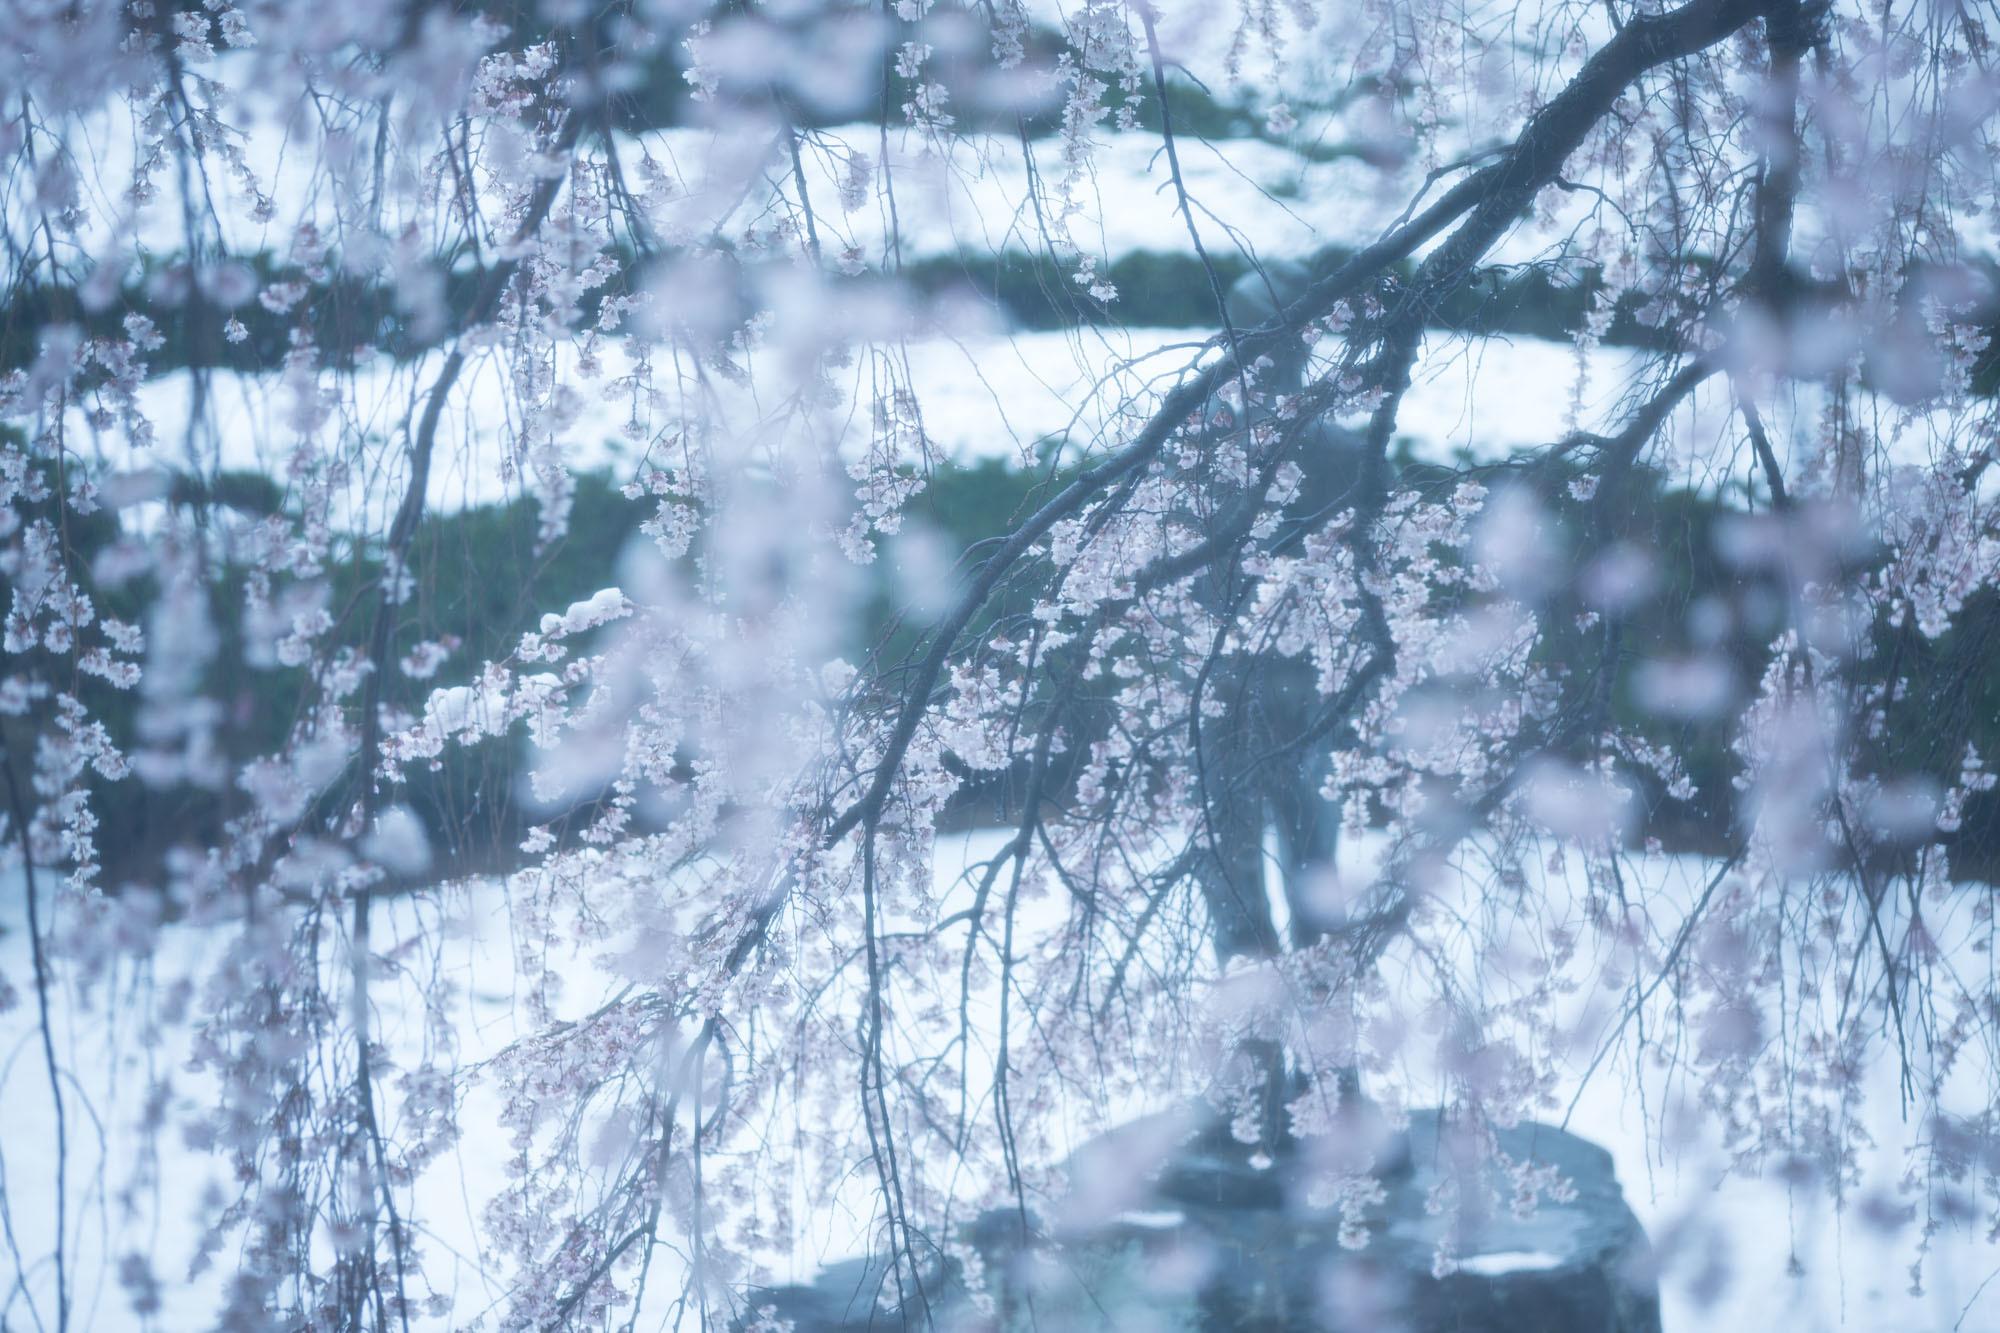 なごり雪の窓辺~あがたの森の枝垂桜~_d0349418_20511246.jpg